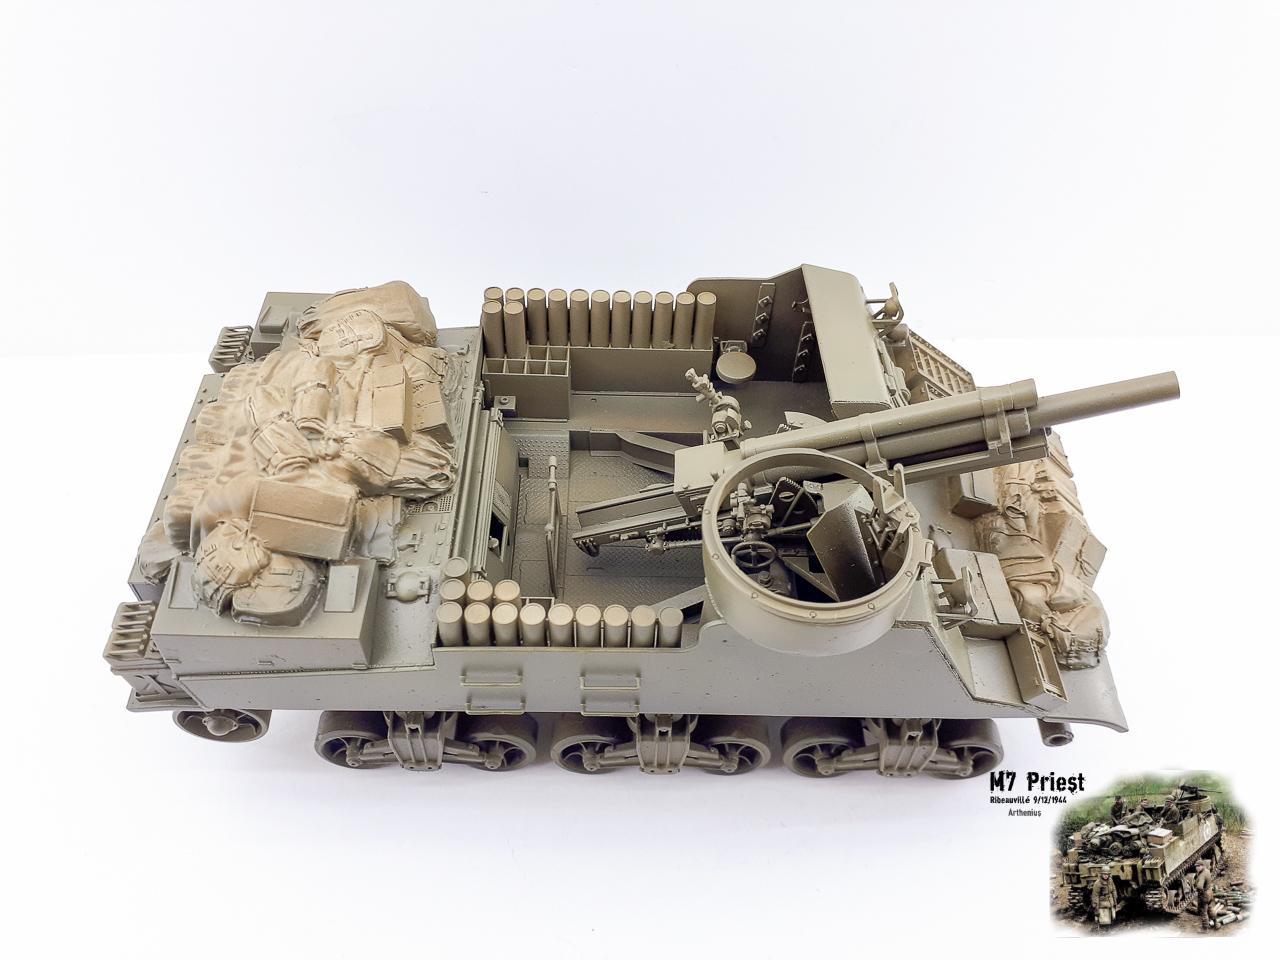 M7 Priest Ribeauvillé 9/12/1944 2018-080